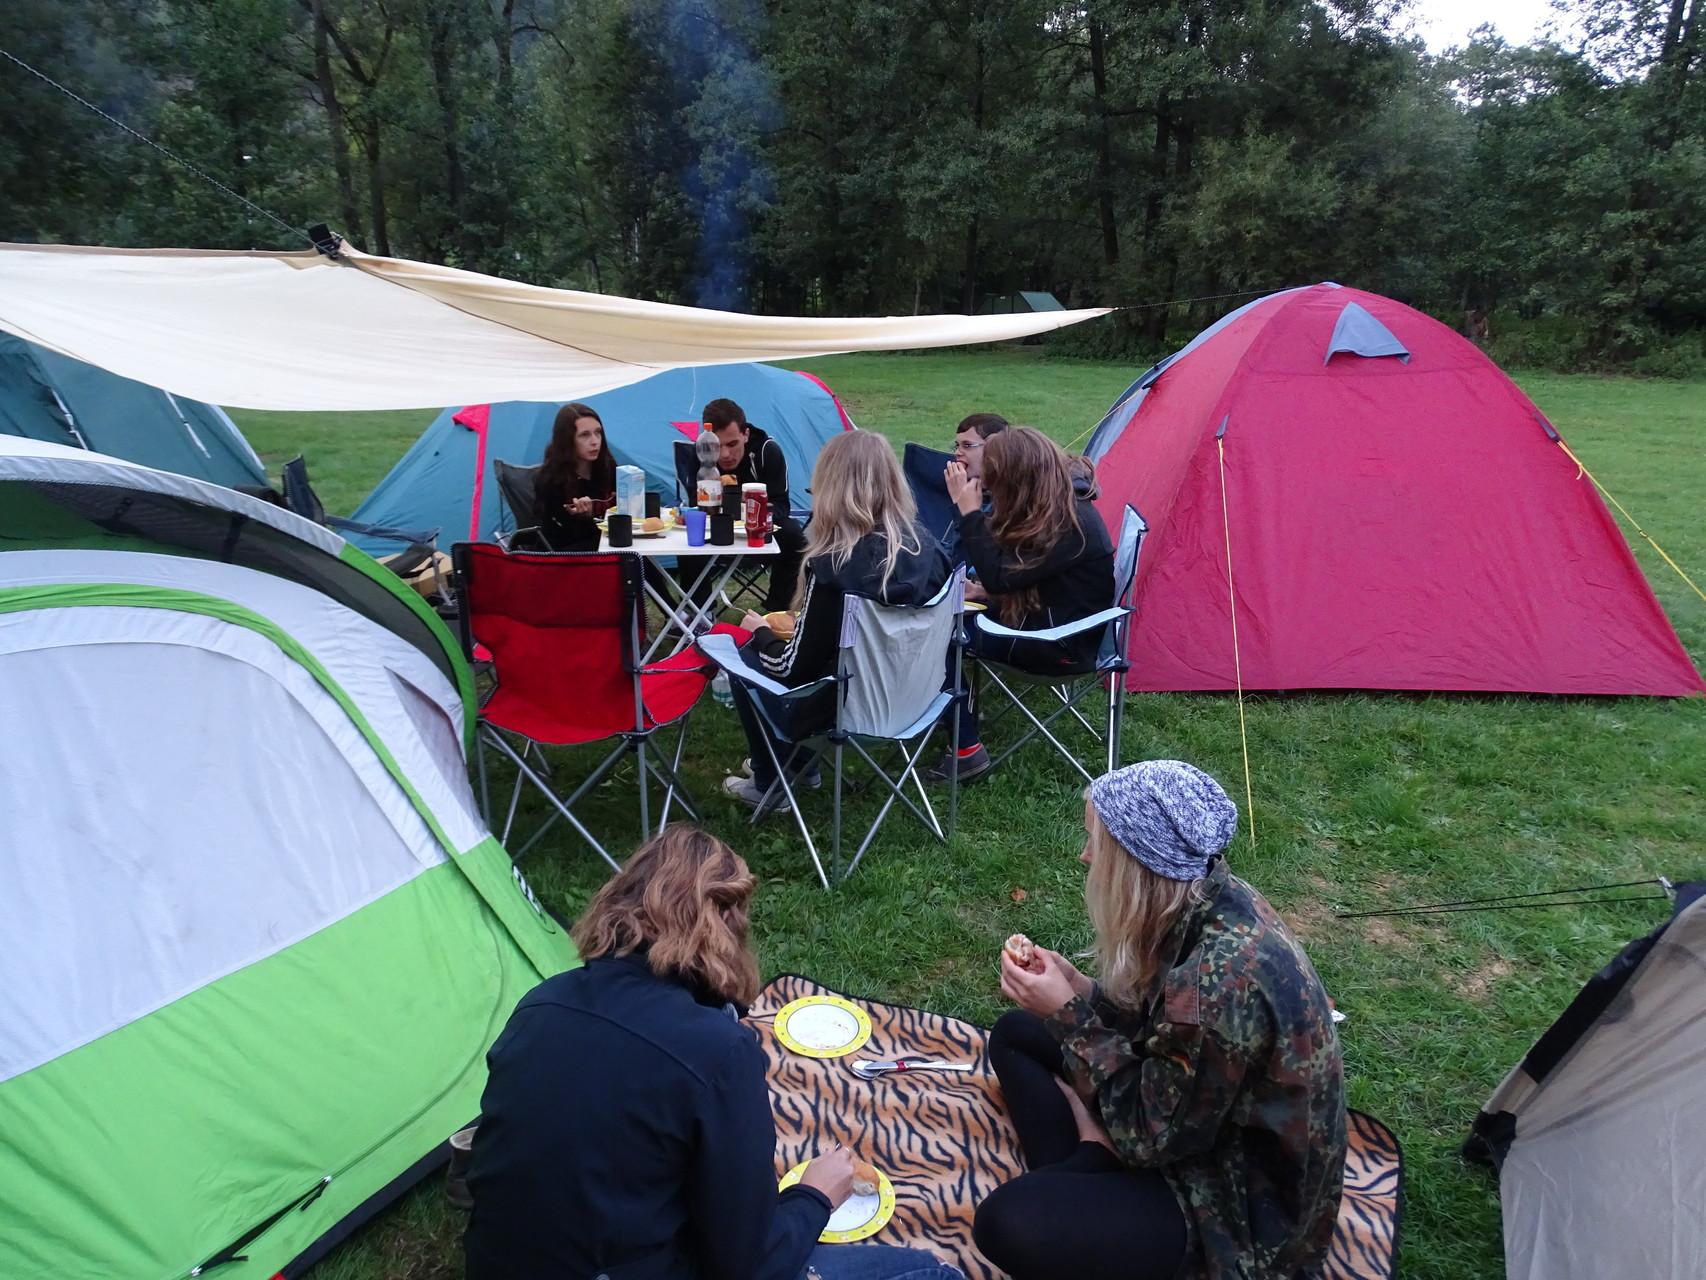 Nachdem alle gegessen hatten, folgte der erste der beiden entspannten Abende am Lagerfeuer...